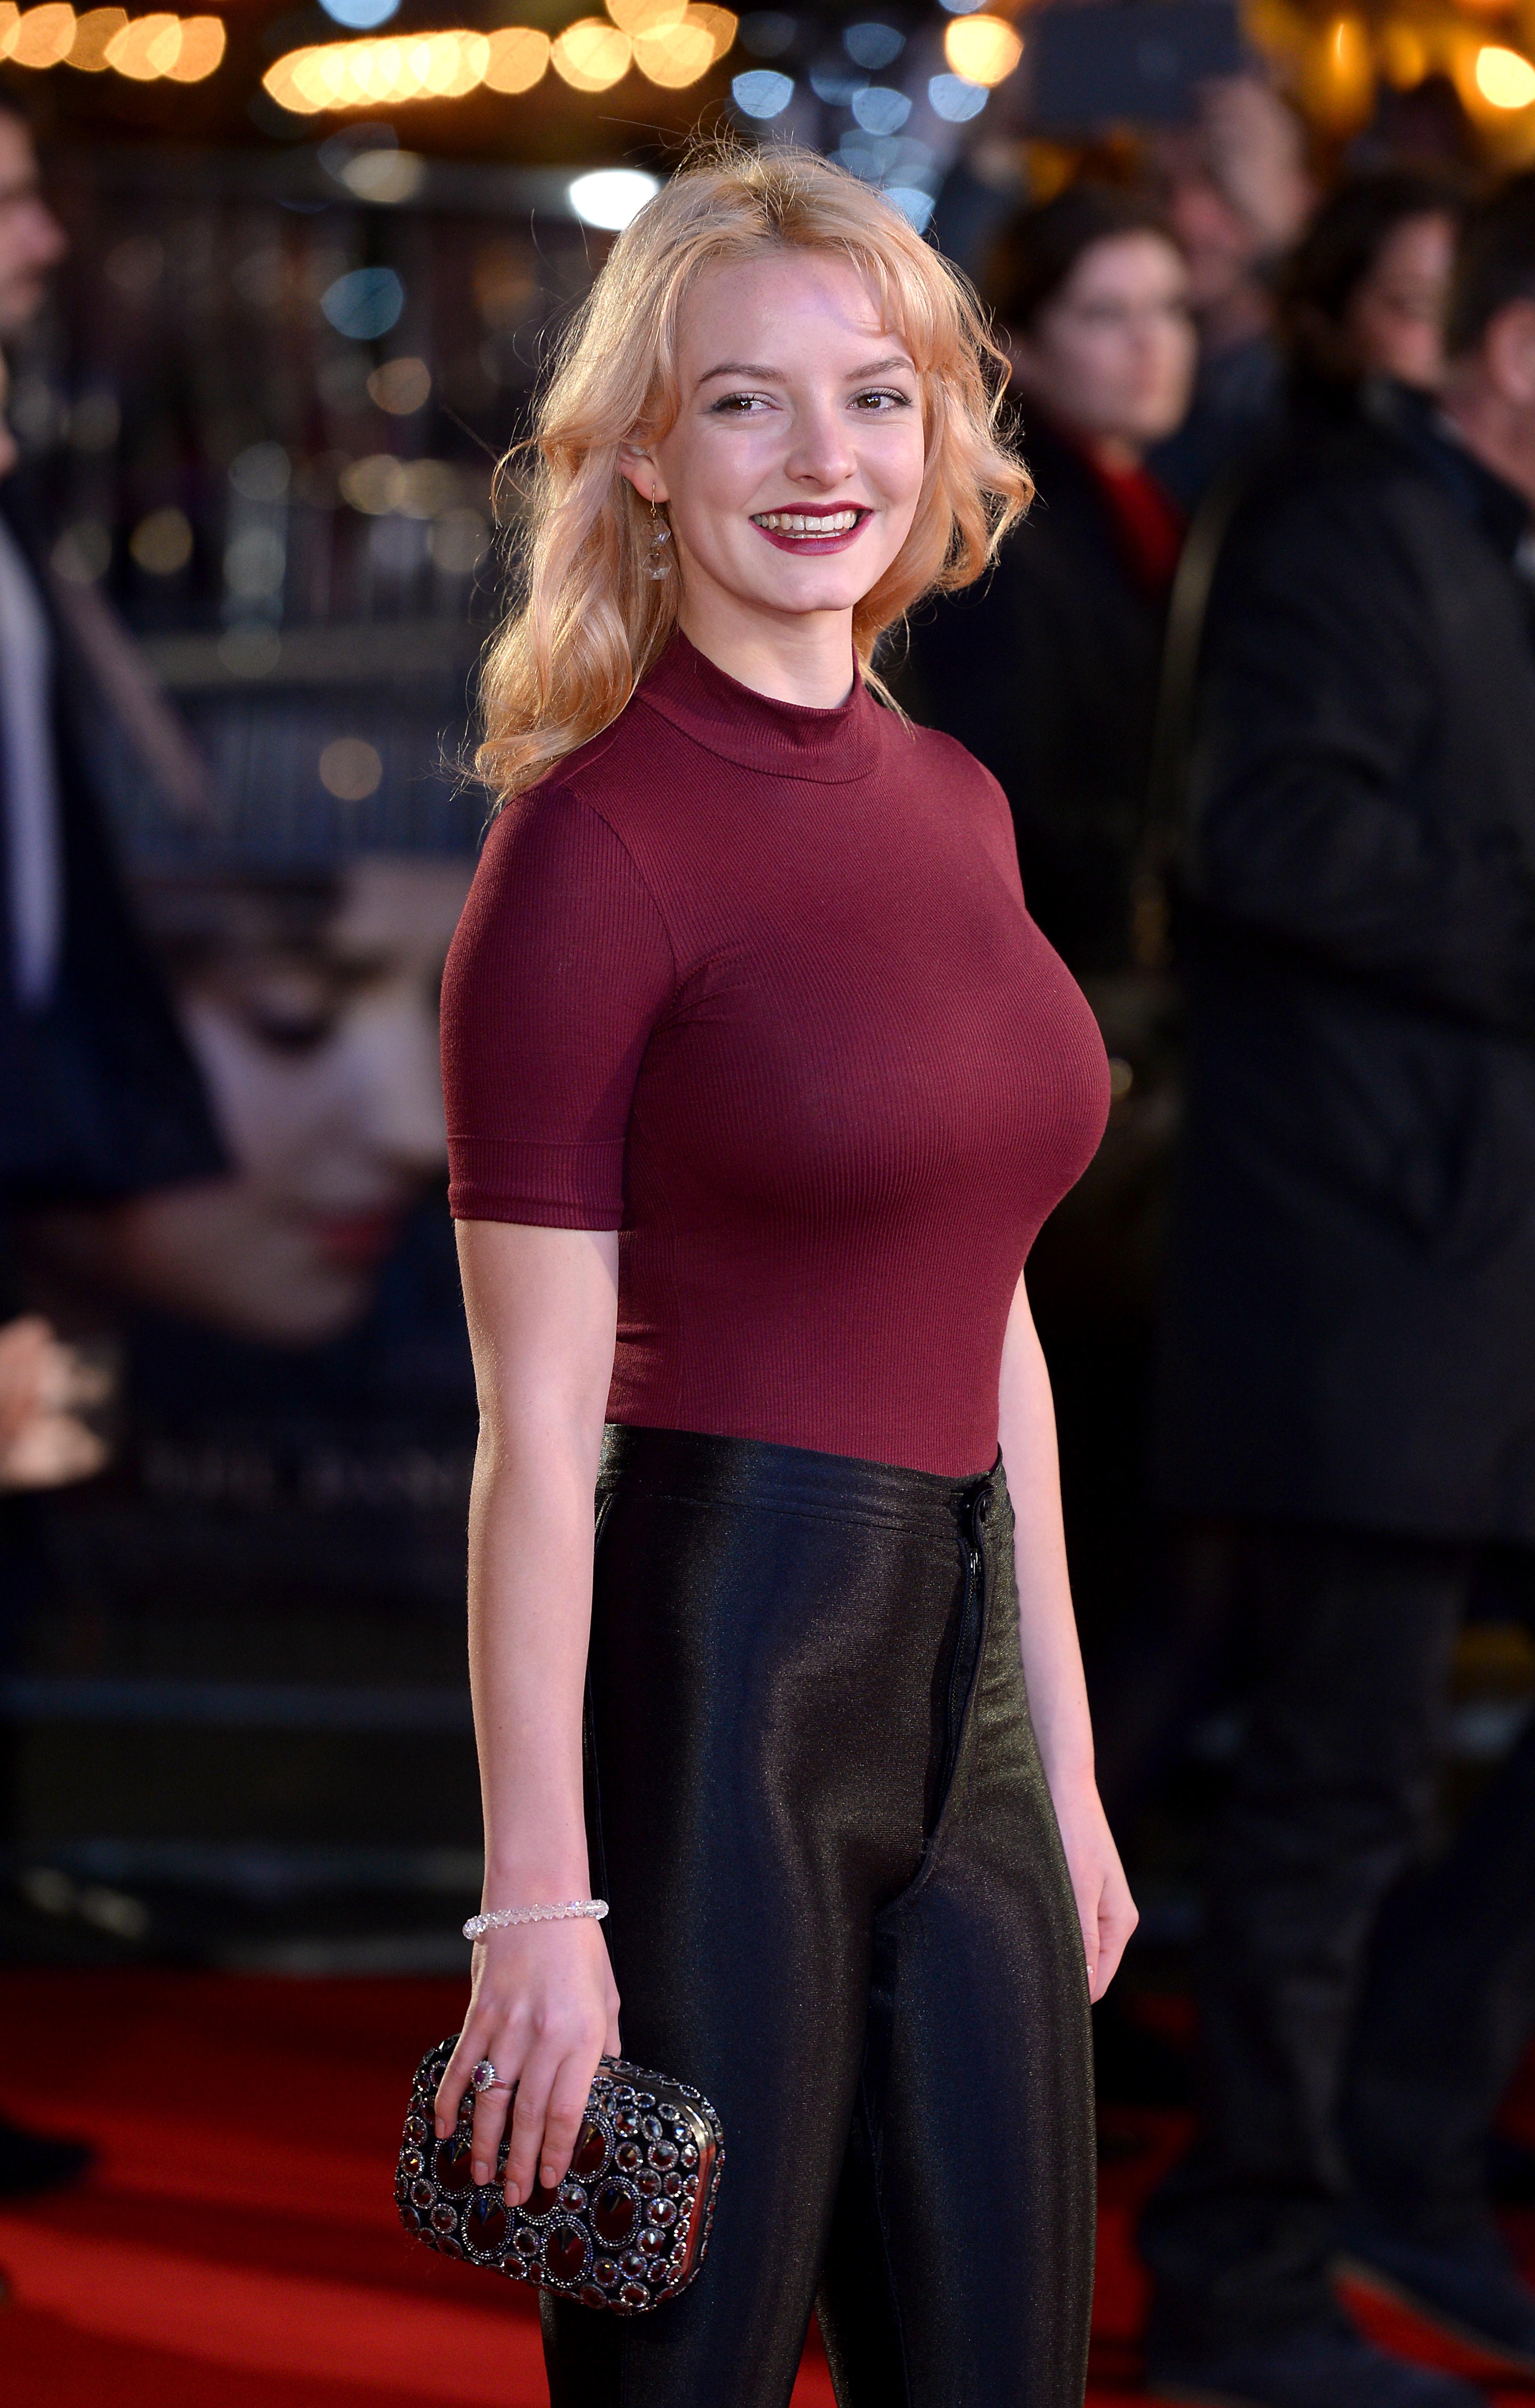 Monica bellucci nude boobs and butt in la riffa movie 10